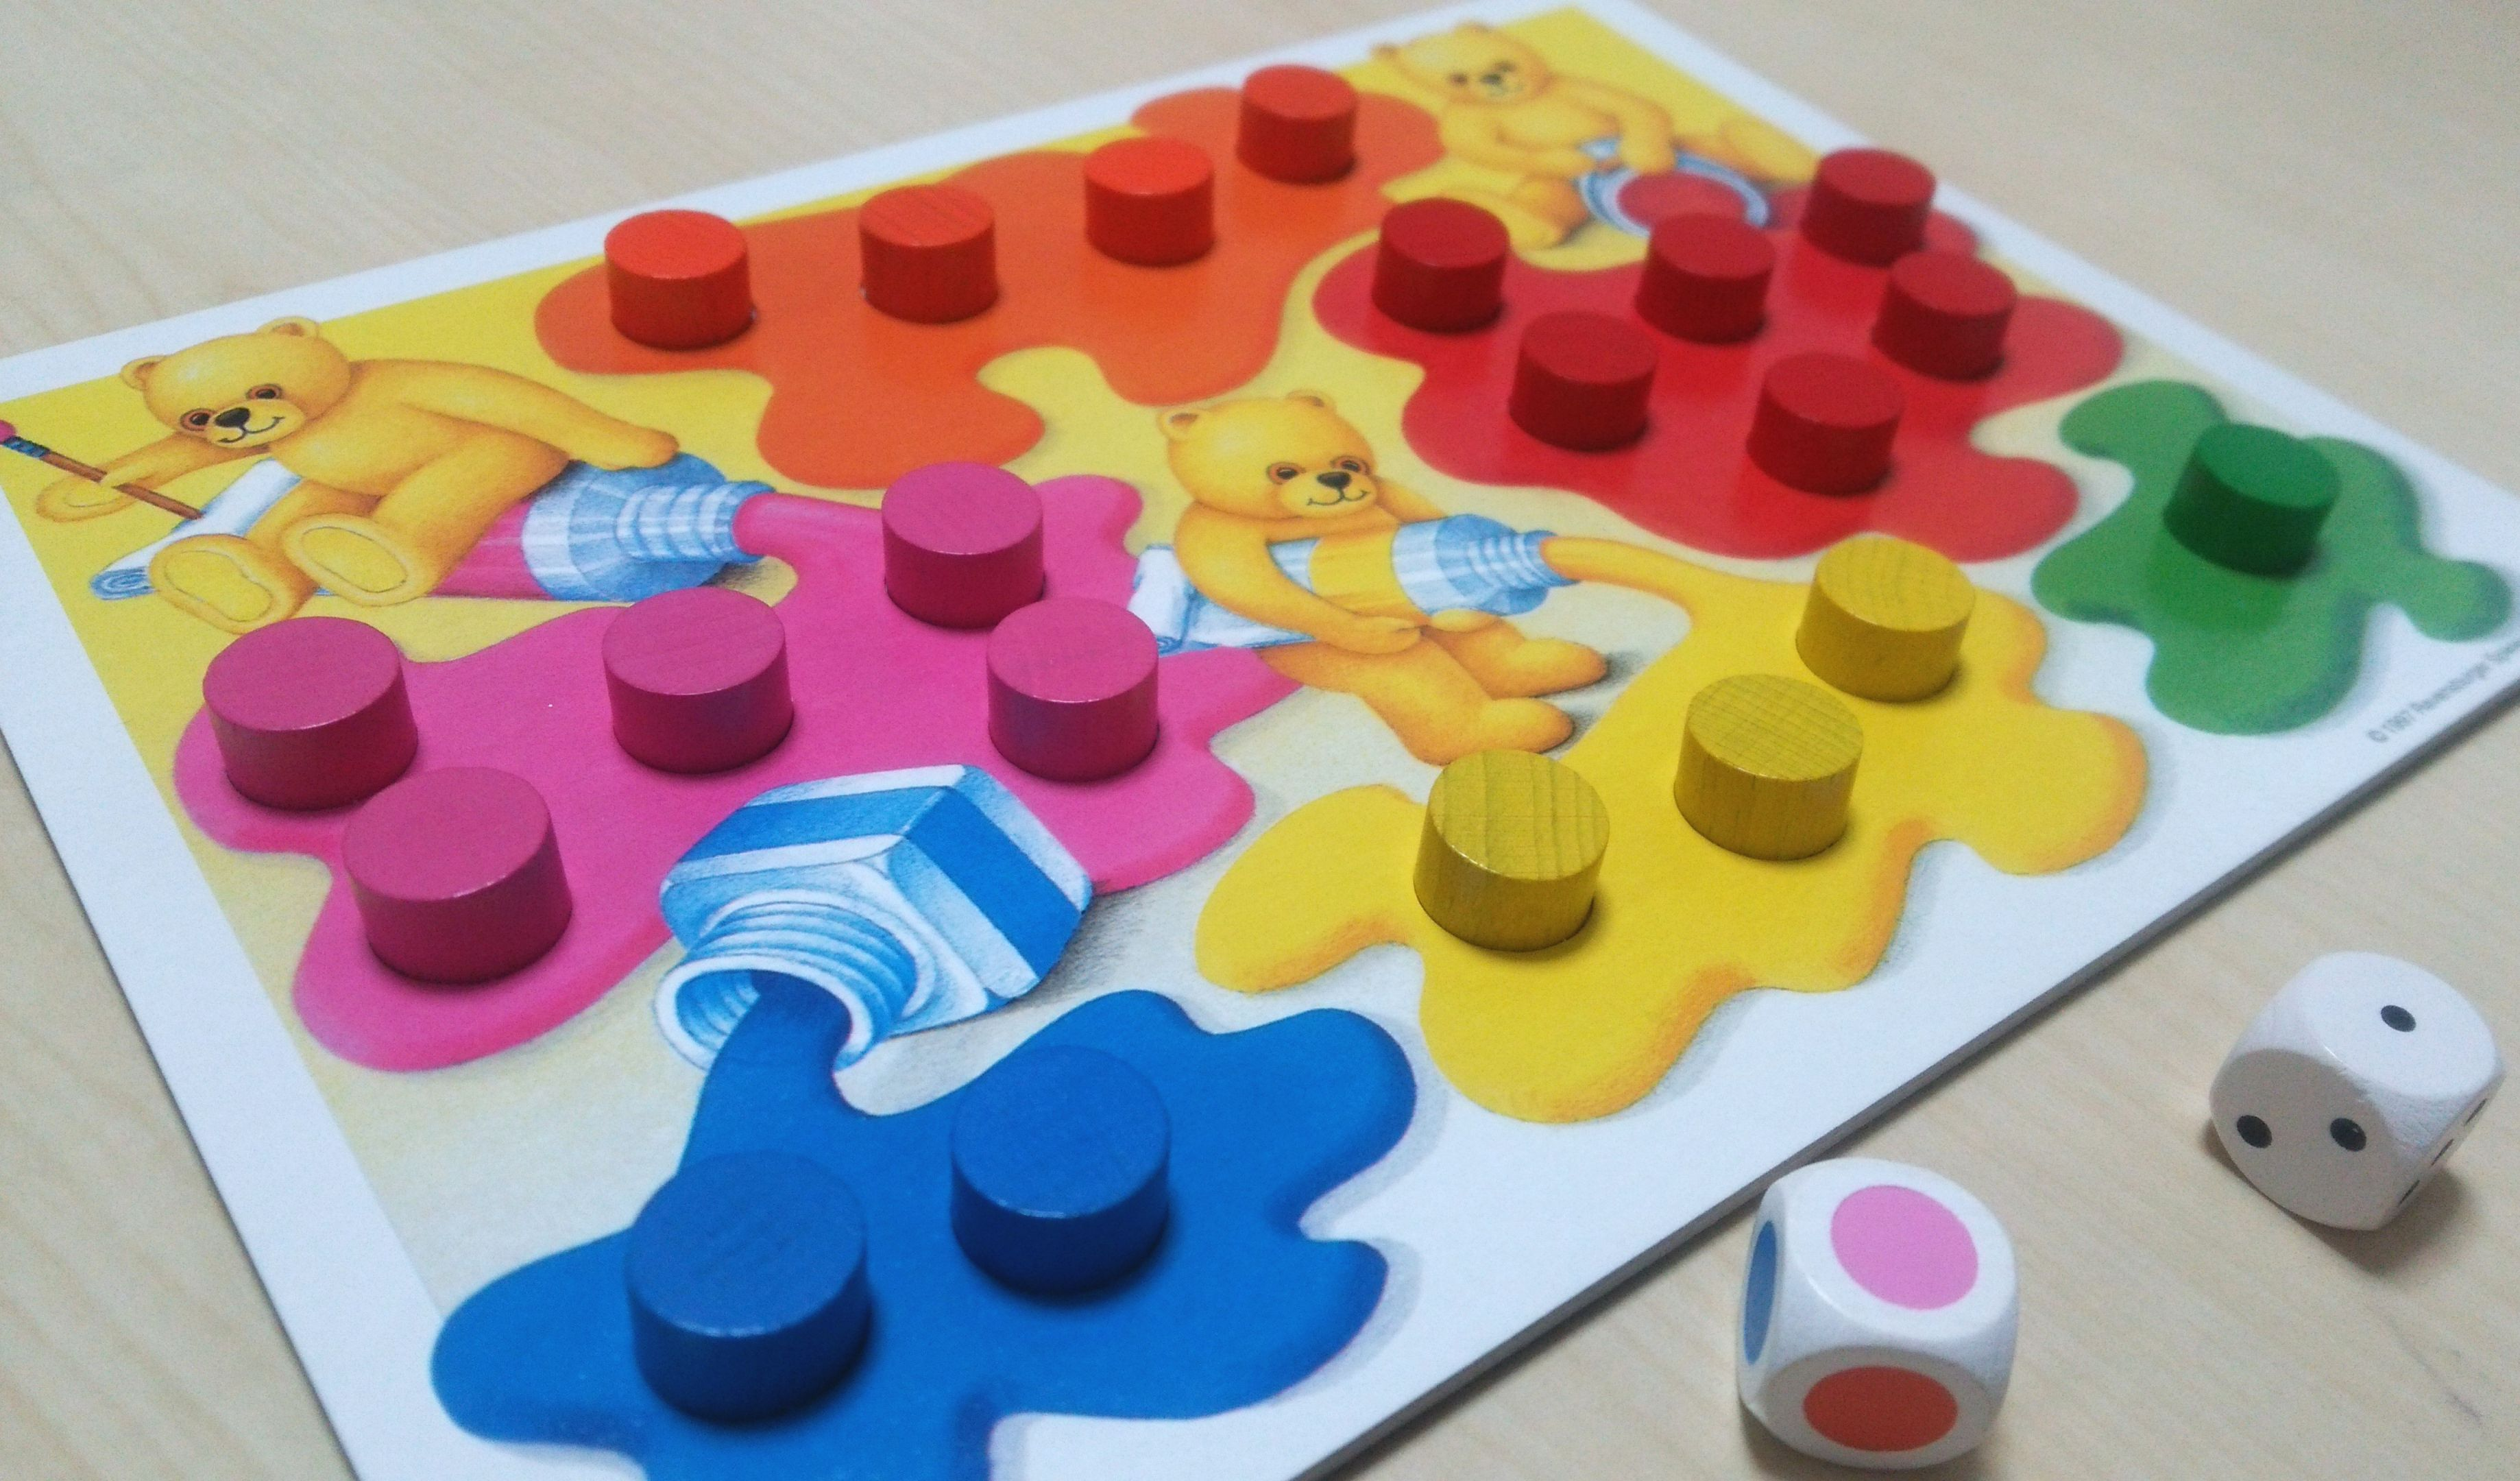 知育系ボードゲーム『クイップス』は、2歳さんの数の理解にオススメ